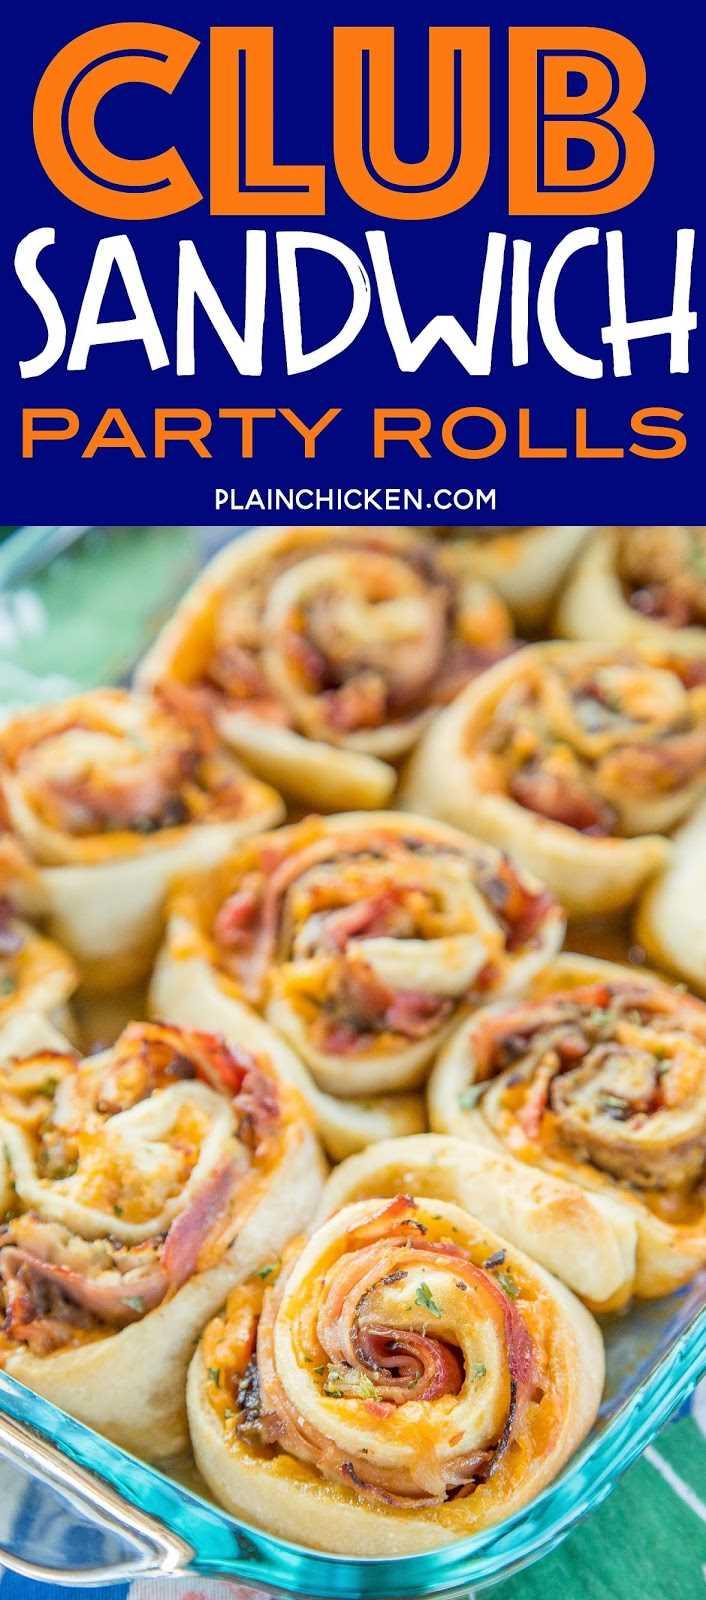 Rollos de fiesta Club Sandwich: ¡tan buenos! El jamón, el pavo, el rosbif, el tocino y el queso cheddar se enrollan (¡estilo bollo de canela!) en una masa de pizza suave y esponjosa. Luego se rocían con un glaseado de azúcar morena dijon y se hornean hasta que estén doradas, pegajosas y crujientes. En serio son tan buenos !! ¡Podría comerlos todos los días! ¡Ideal para chucherías, brunch, almuerzos, cenas y fiestas! Siempre lo primero que hay que ir!